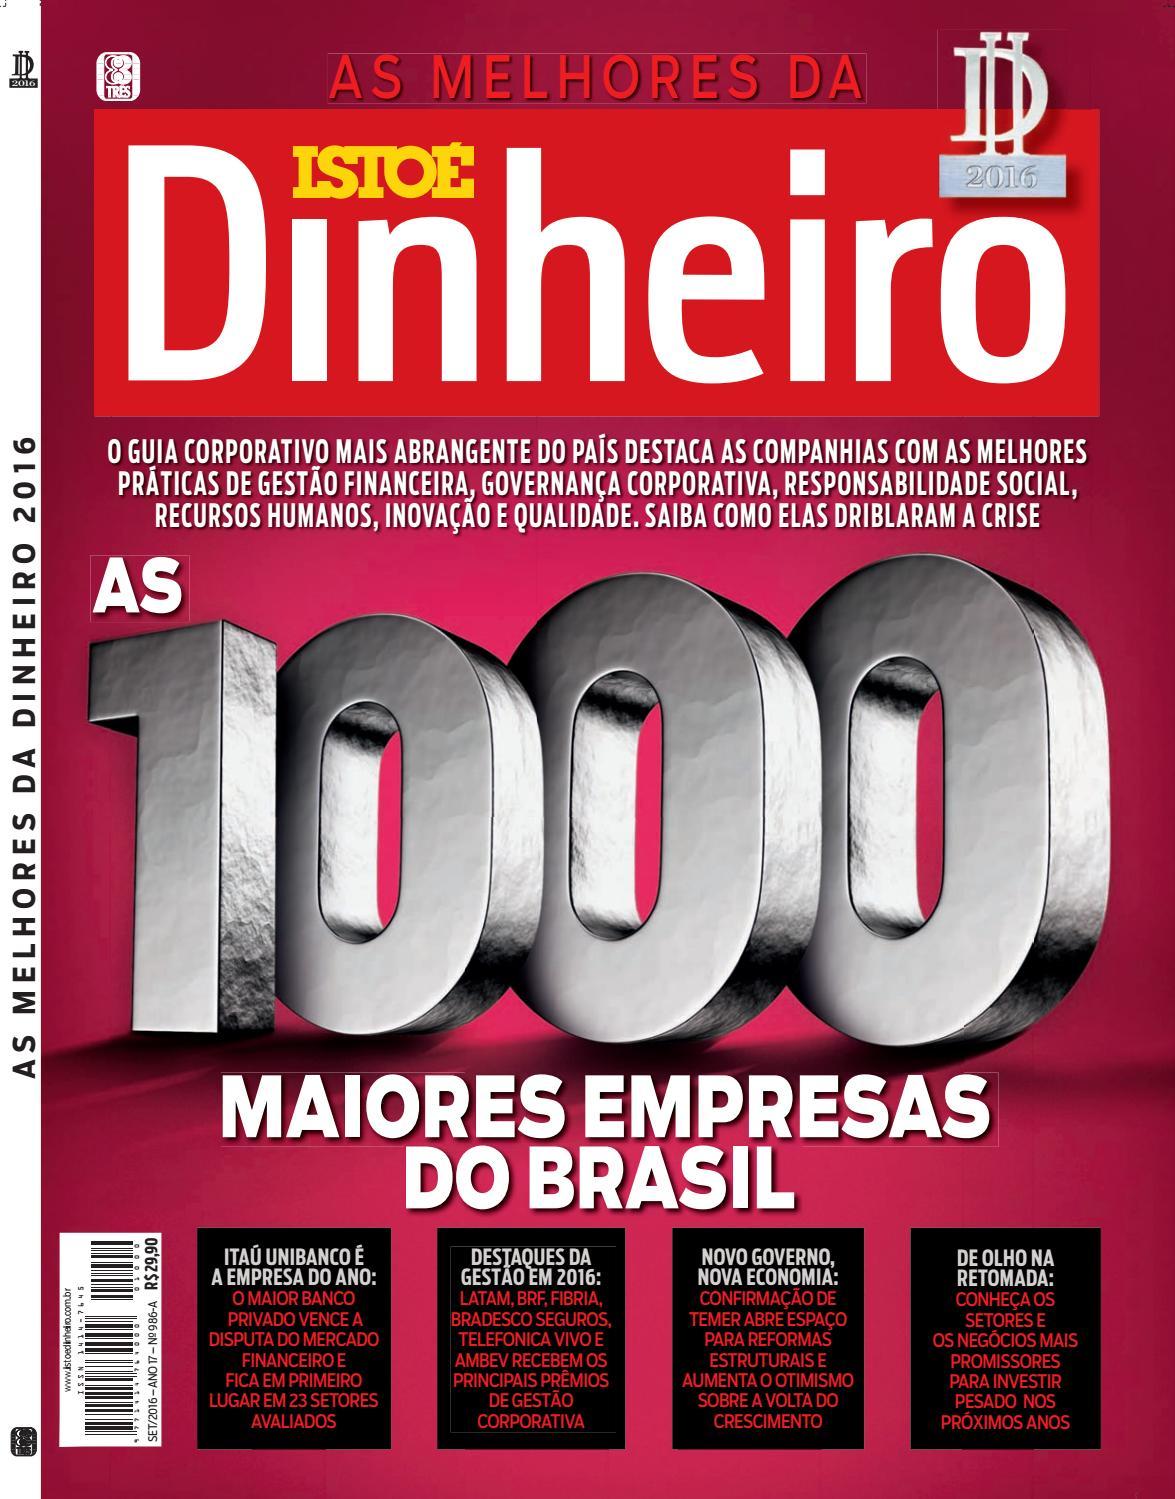 Melhores Dinheiro 2016 by Editora 3 - issuu 02a481ec78